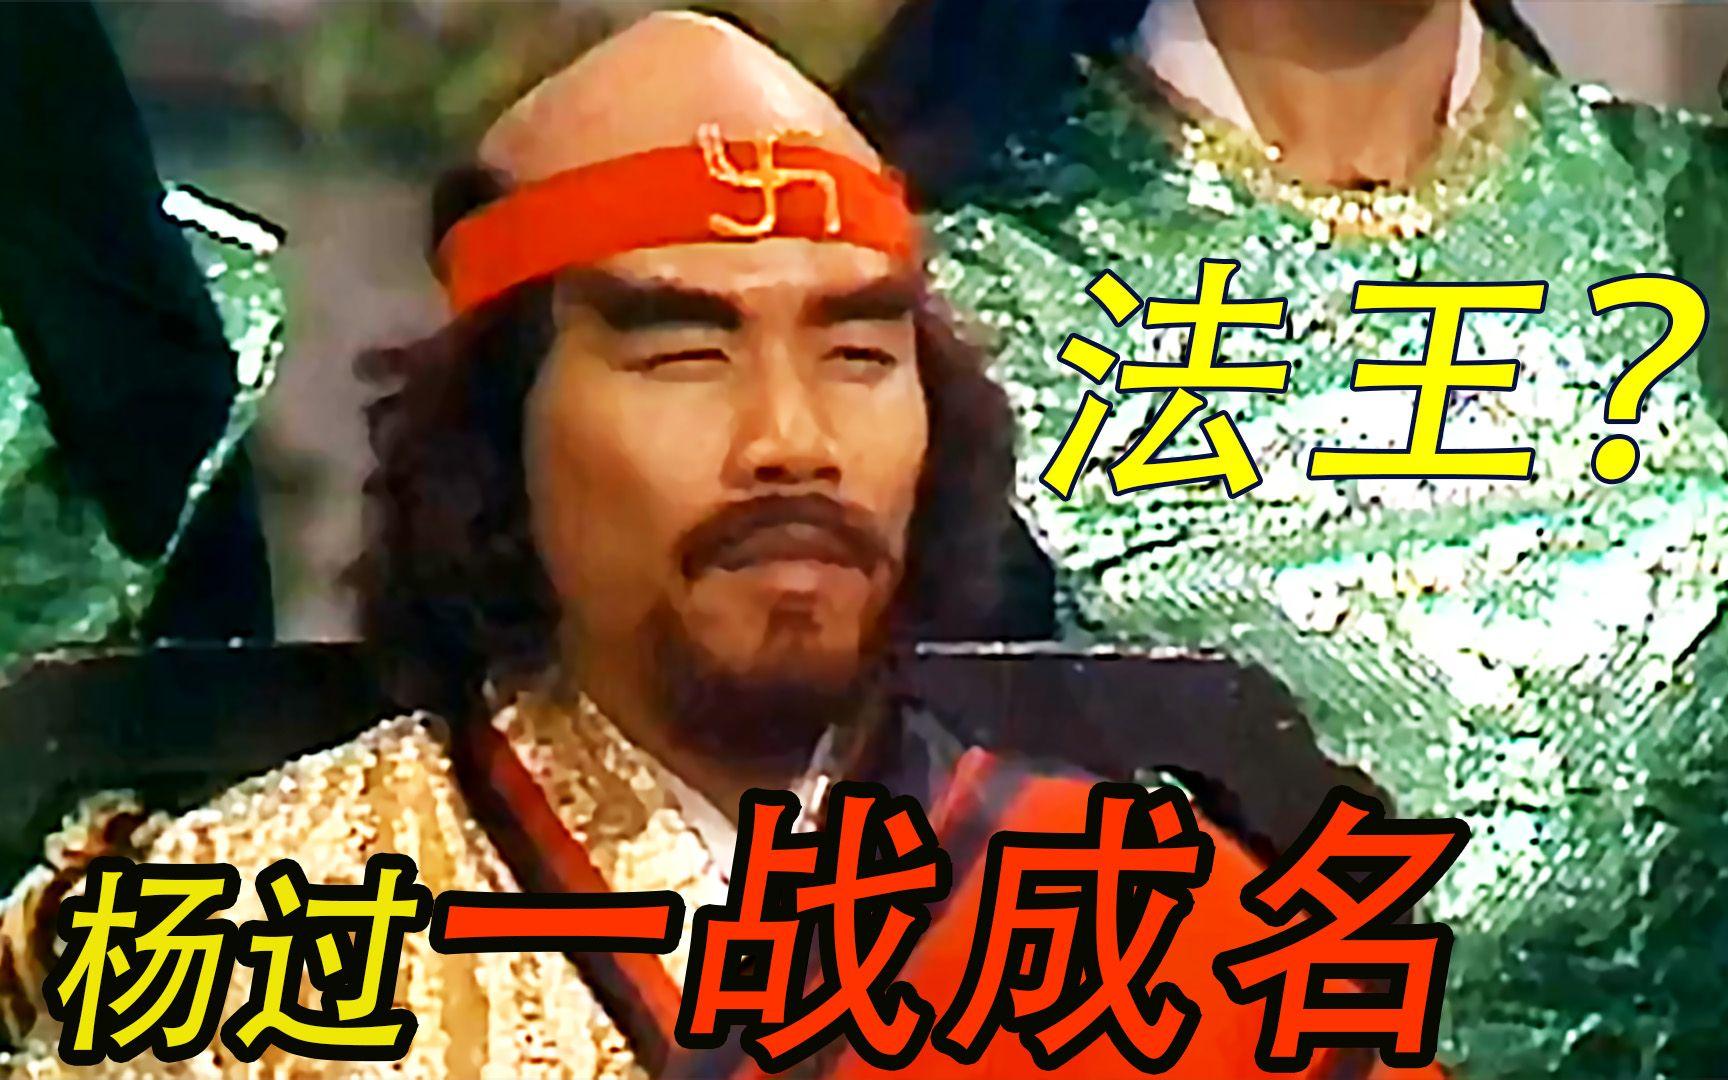 83神雕侠侣08集:武林大会杨过一战成名,金轮法师用风火轮也没用